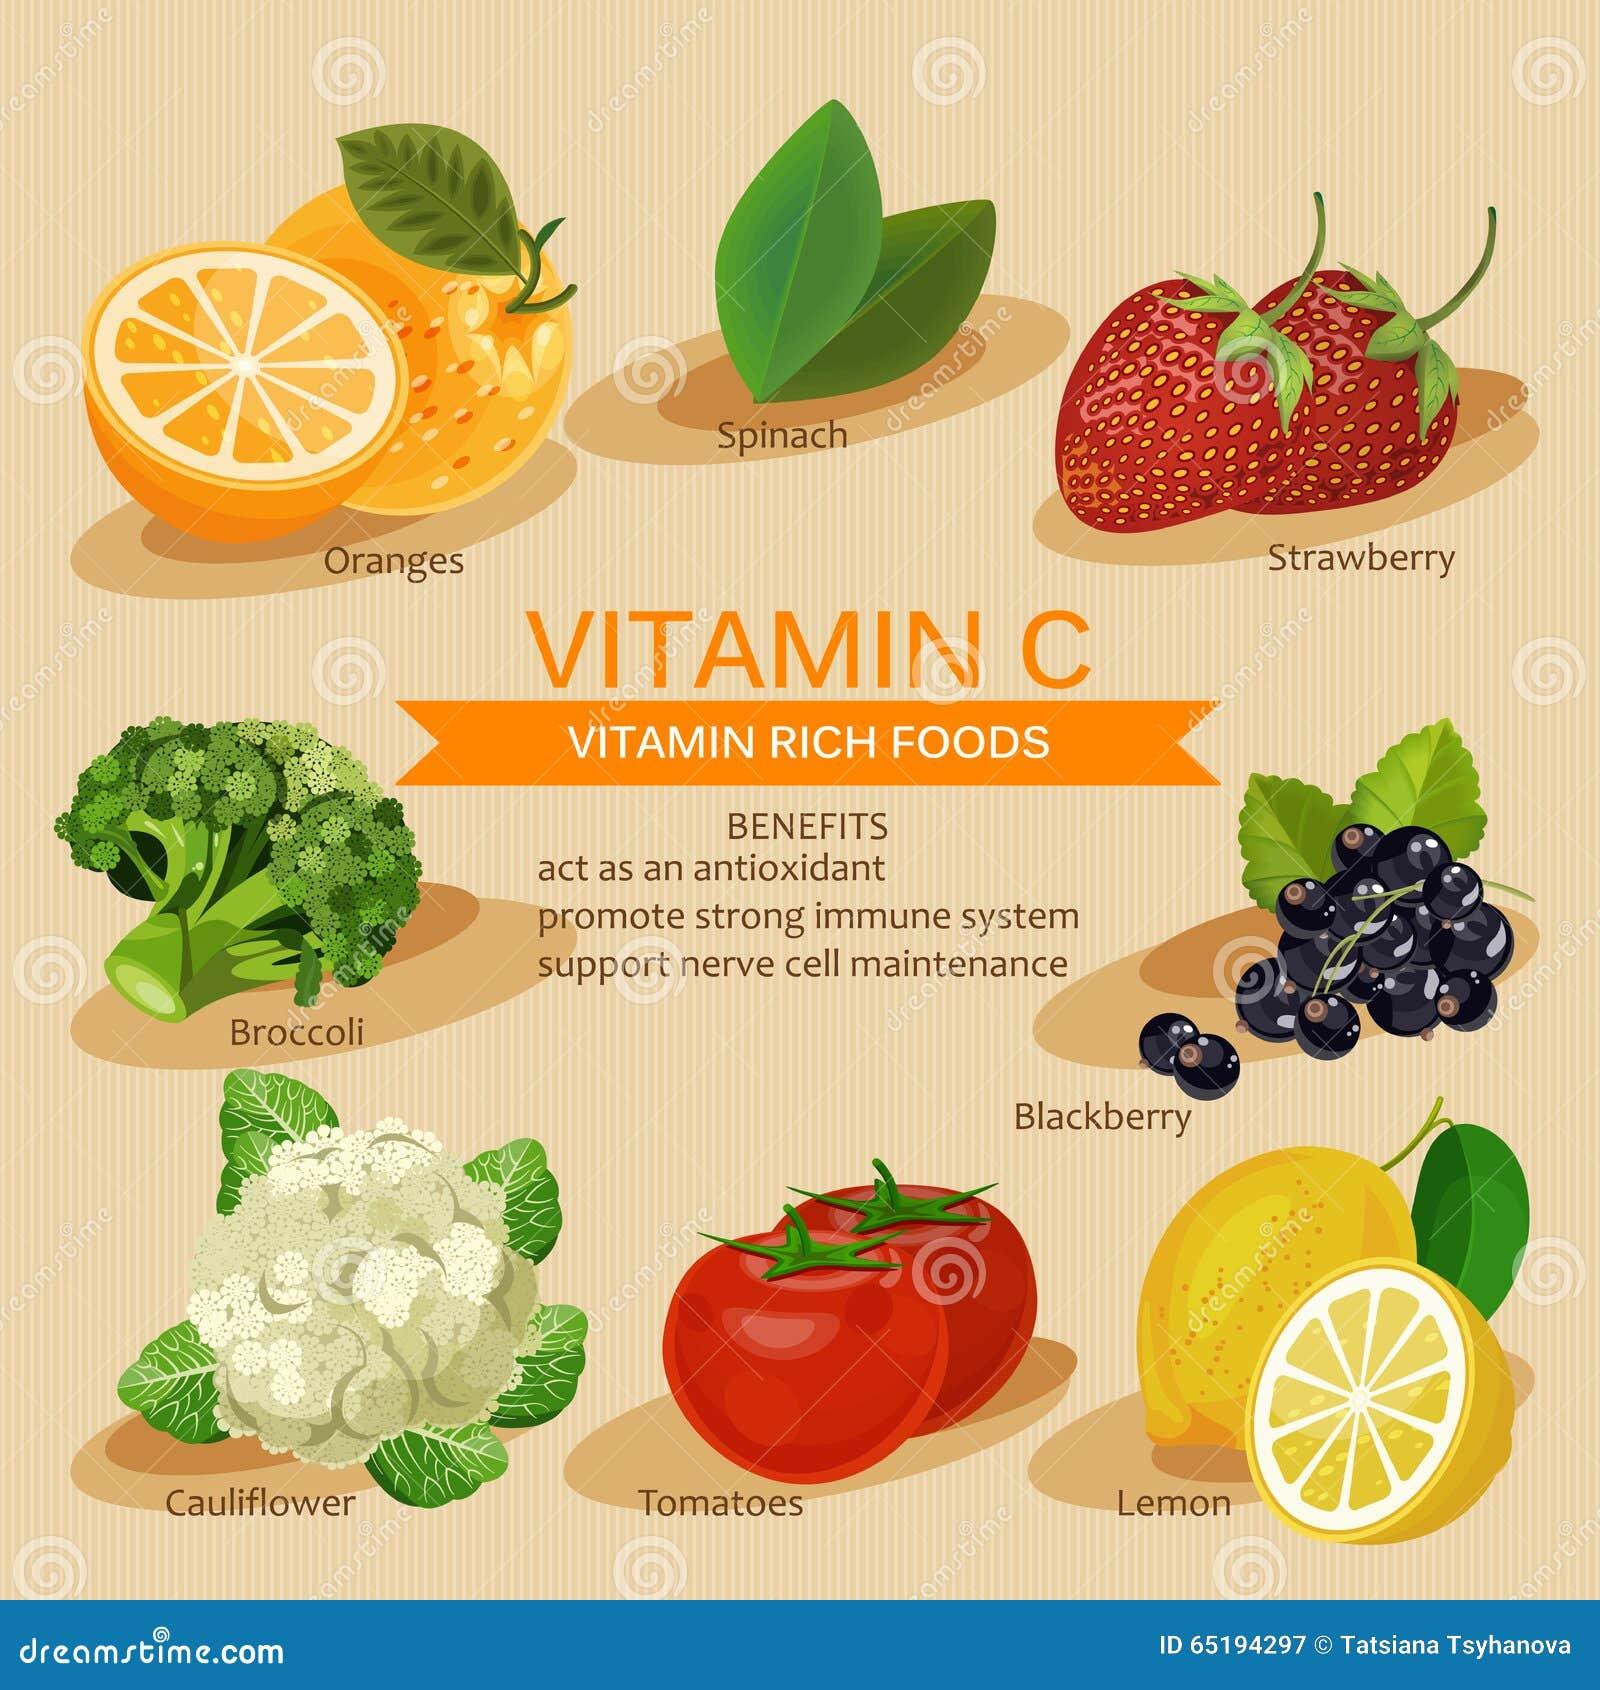 Grupy zdrowa owoc, warzywa, mięso, ryba i nabiały zawiera odmianowe witaminy, c świeżych zdrowych pomarańcz stylowa witamina